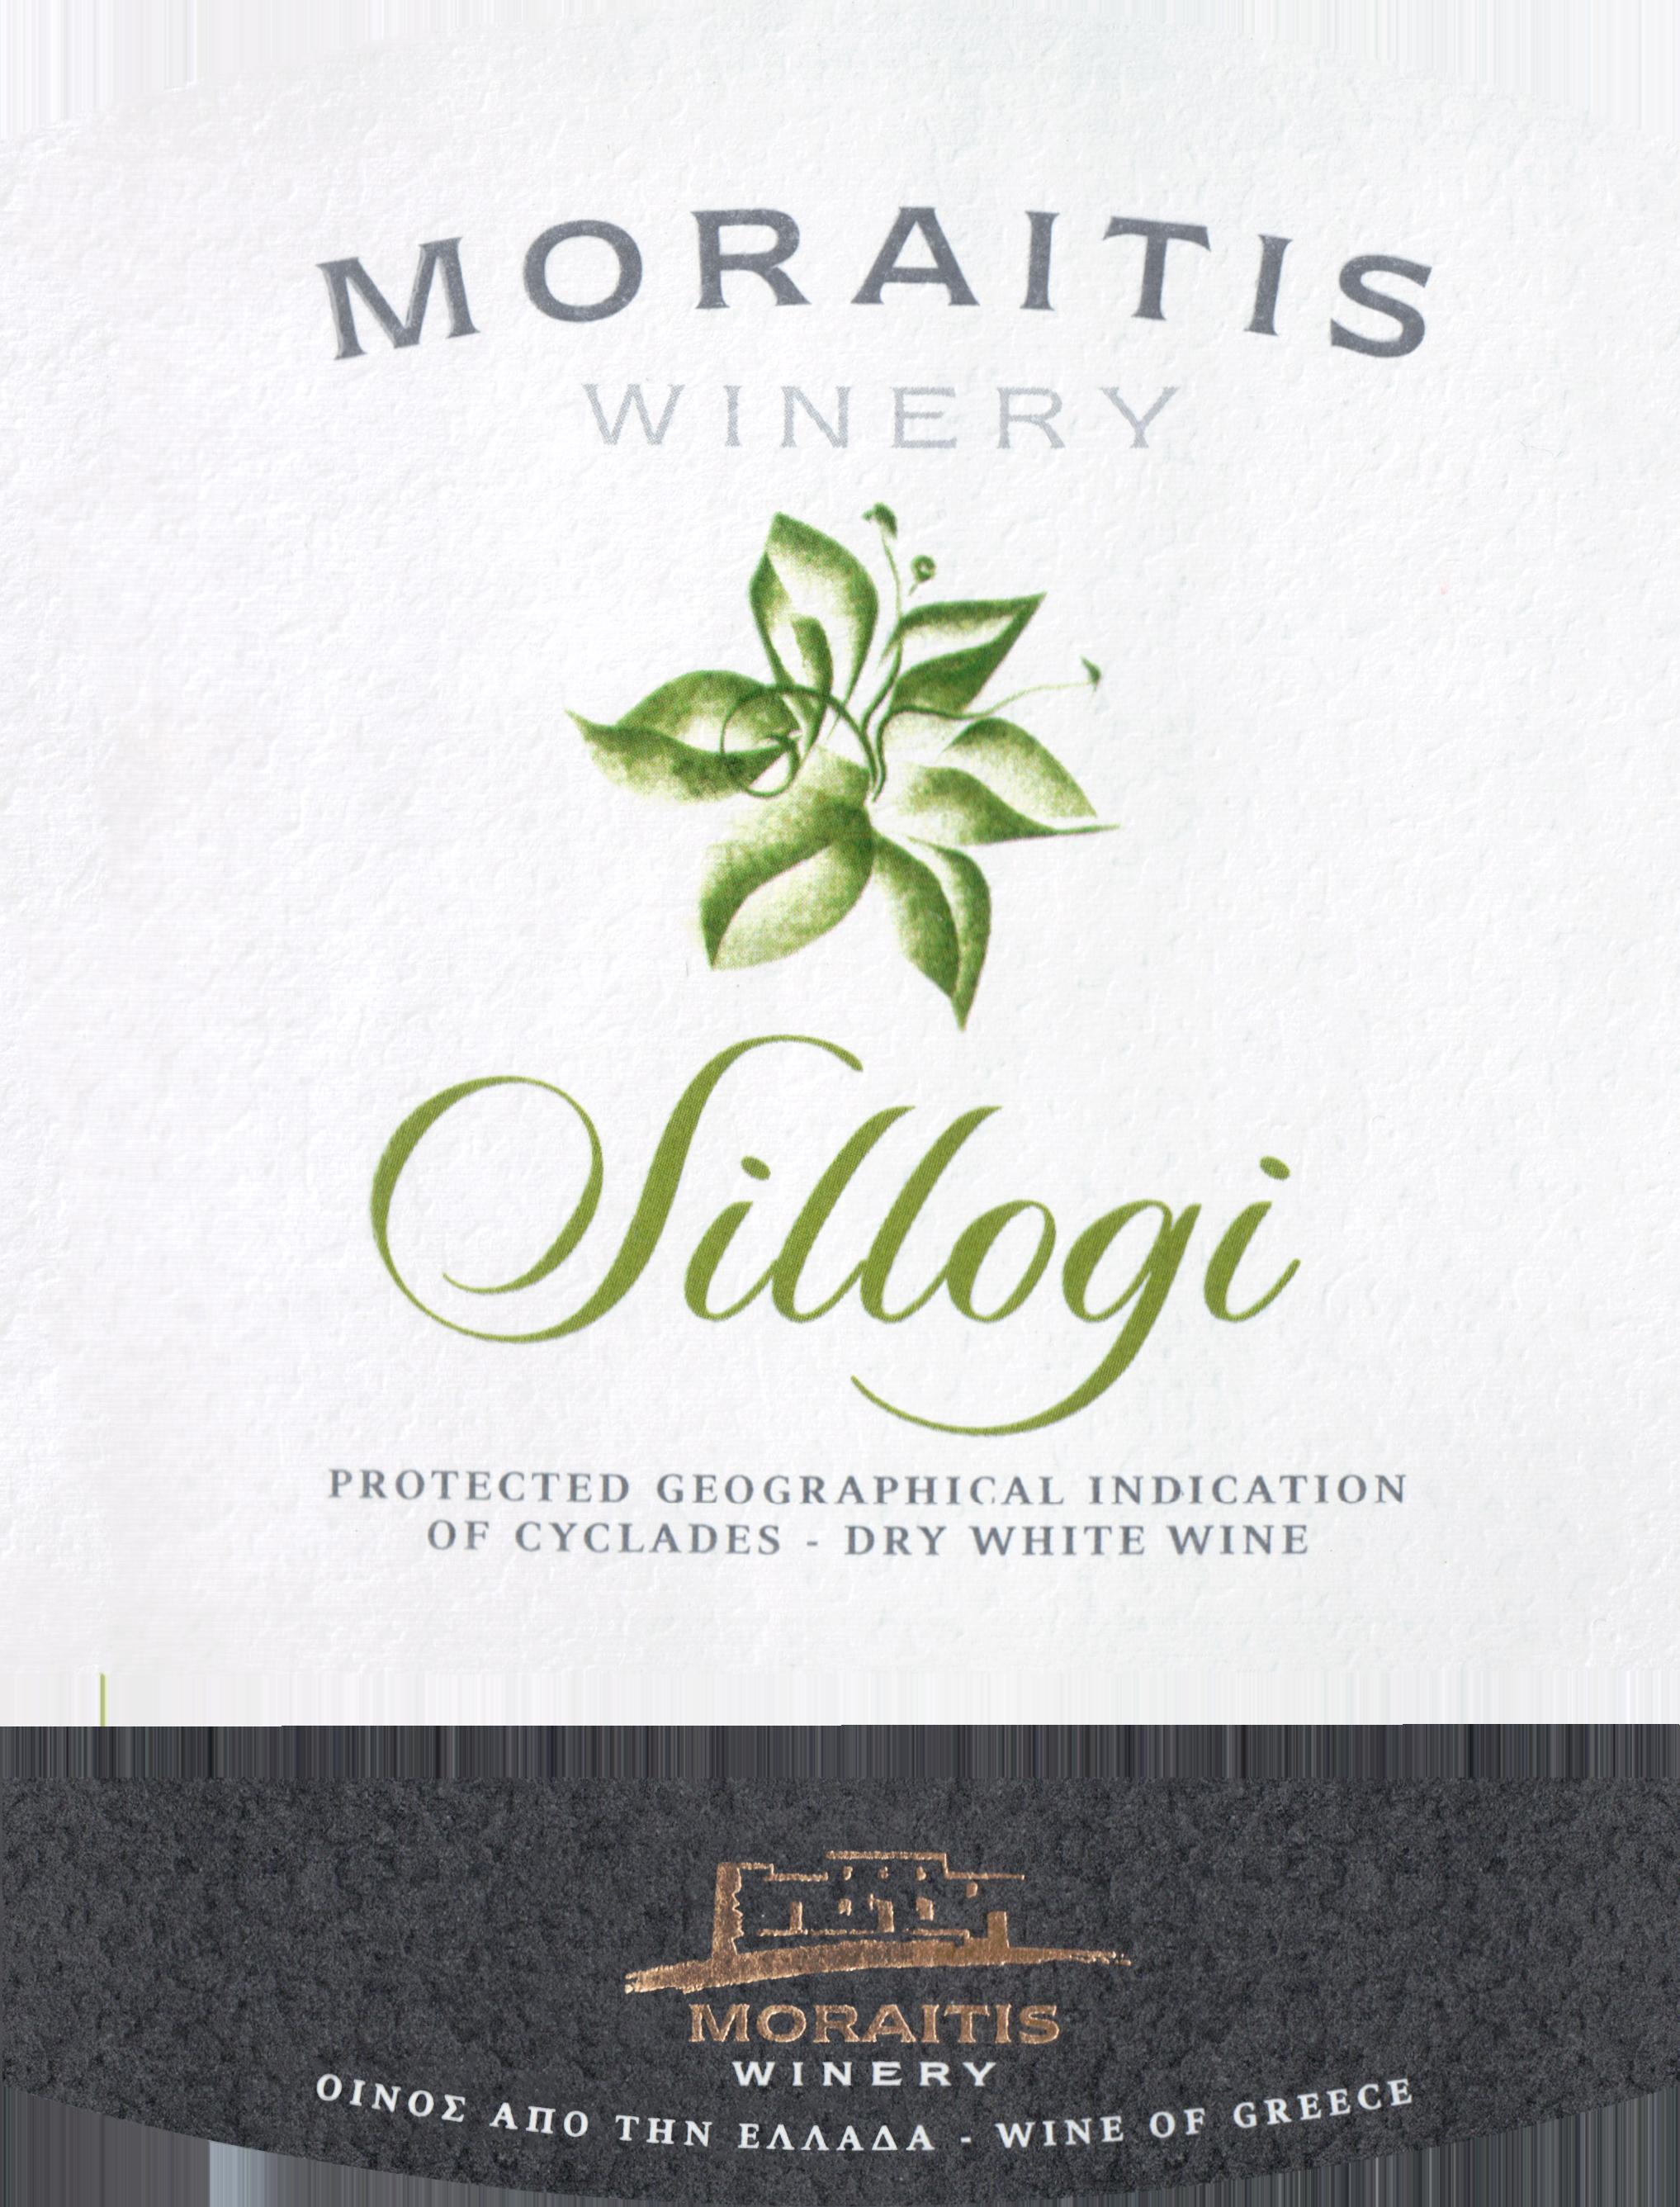 Moraitis Cyclades White Sillogi 2019